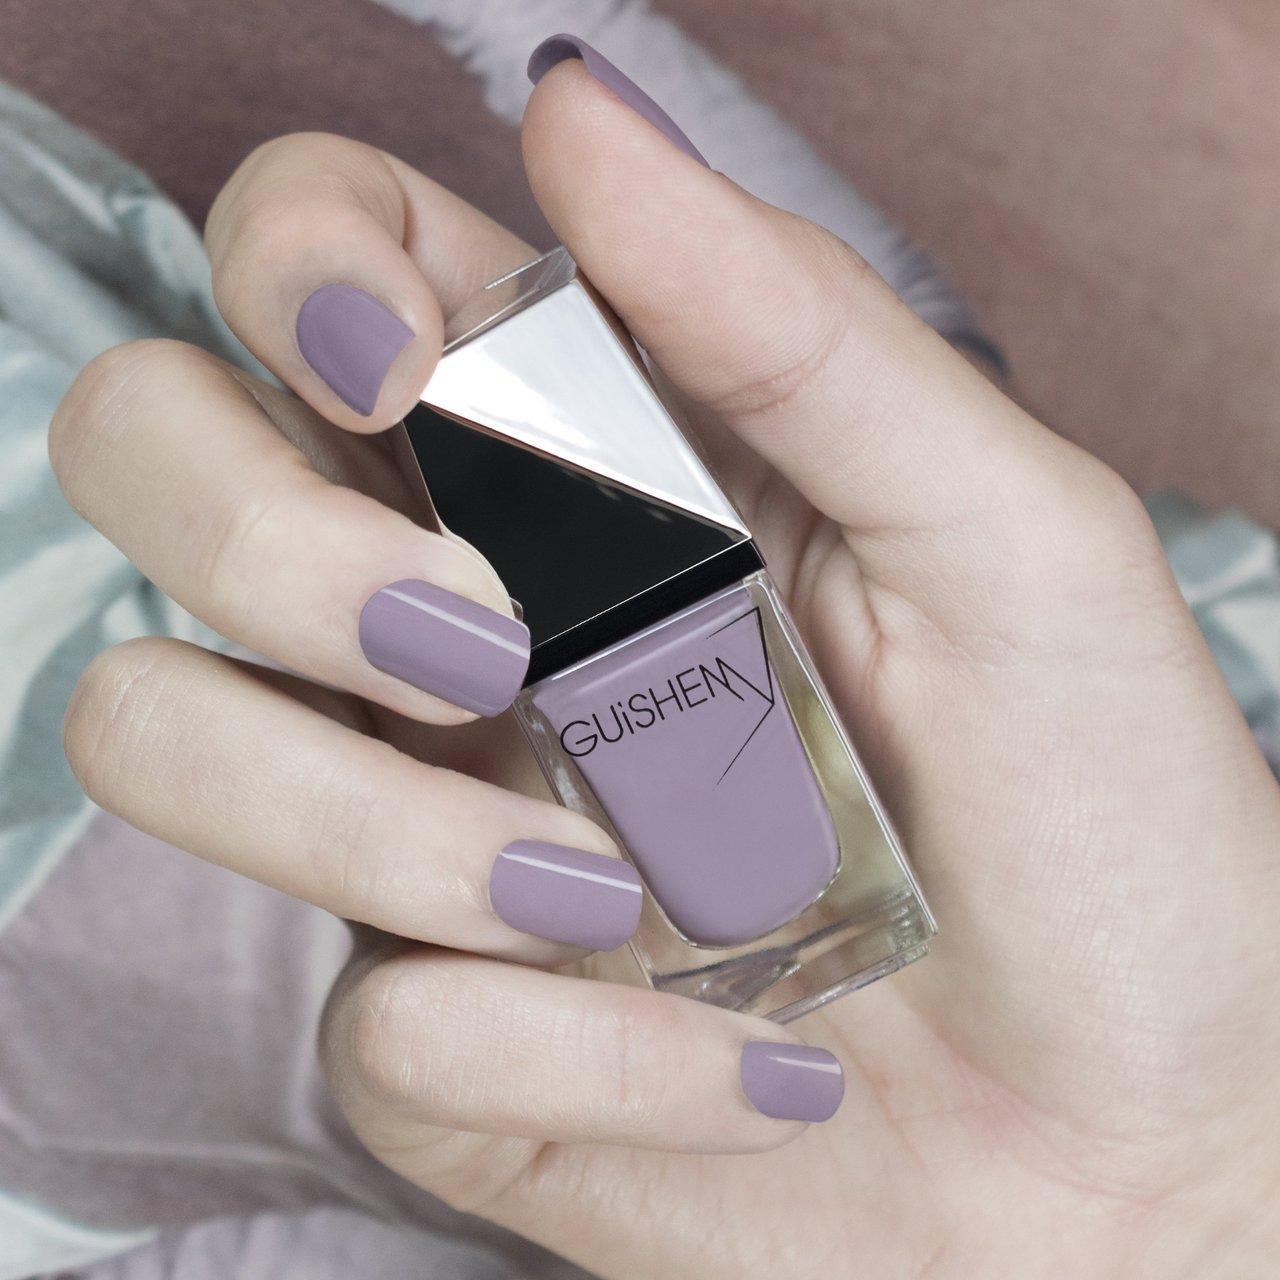 GUiSHEM Premium Nail Lacquer Crème Grey Lavender, Velvet Violet - 060